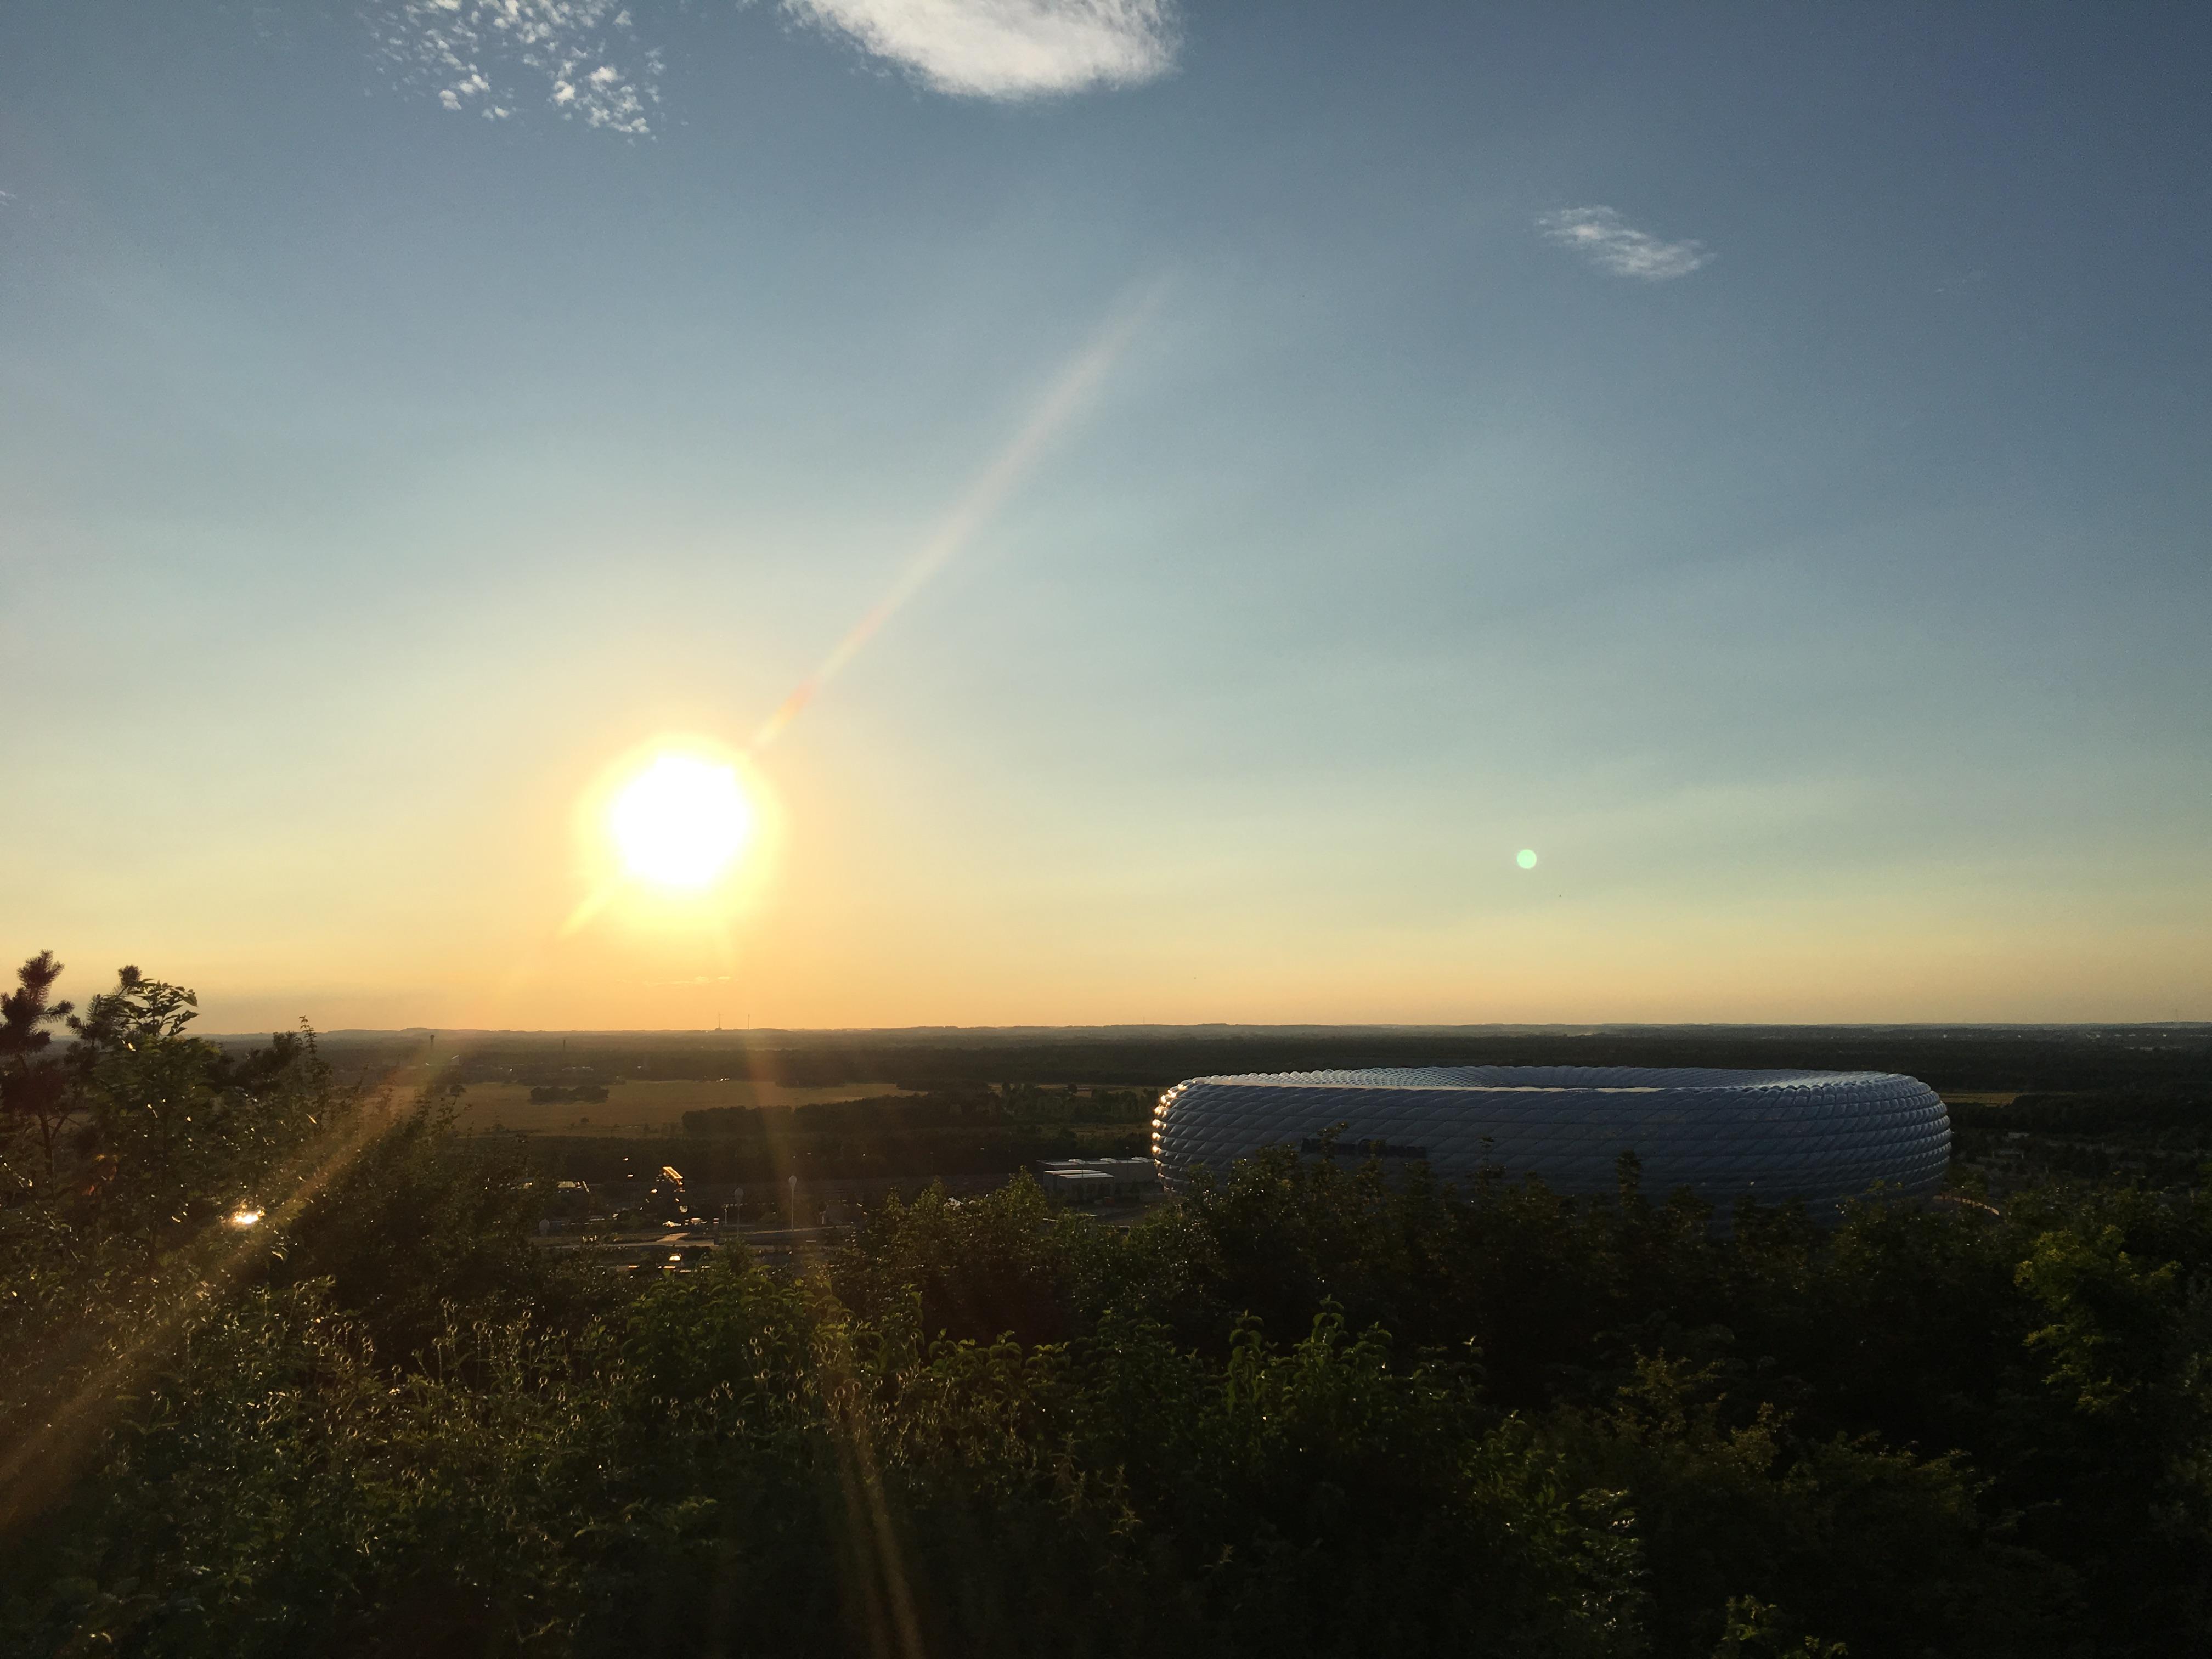 Die Allianz Arena in der untergehende Sonne.